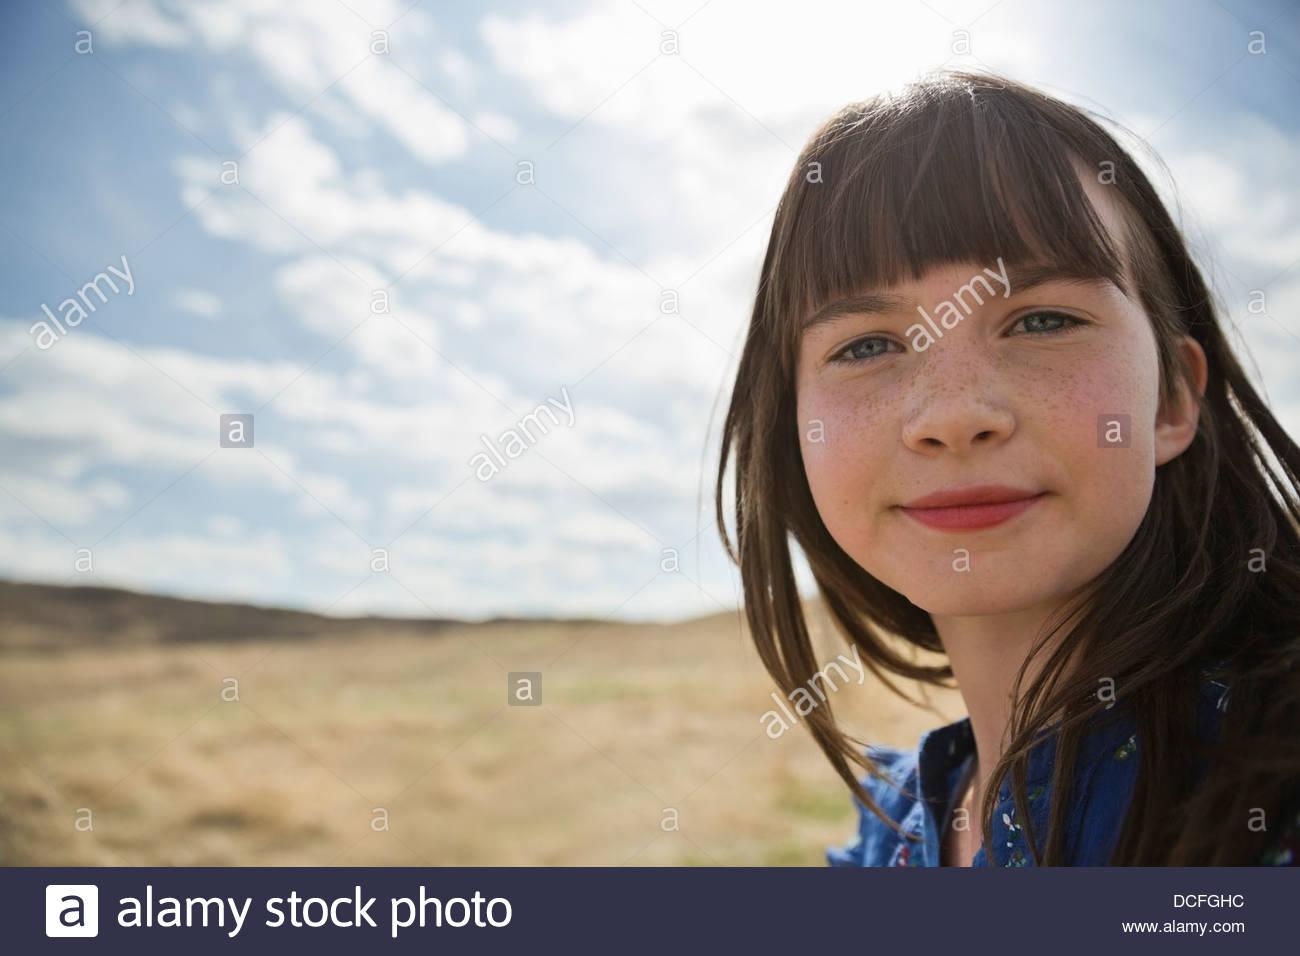 Retrato de linda colegiala mirando a la cámara Imagen De Stock